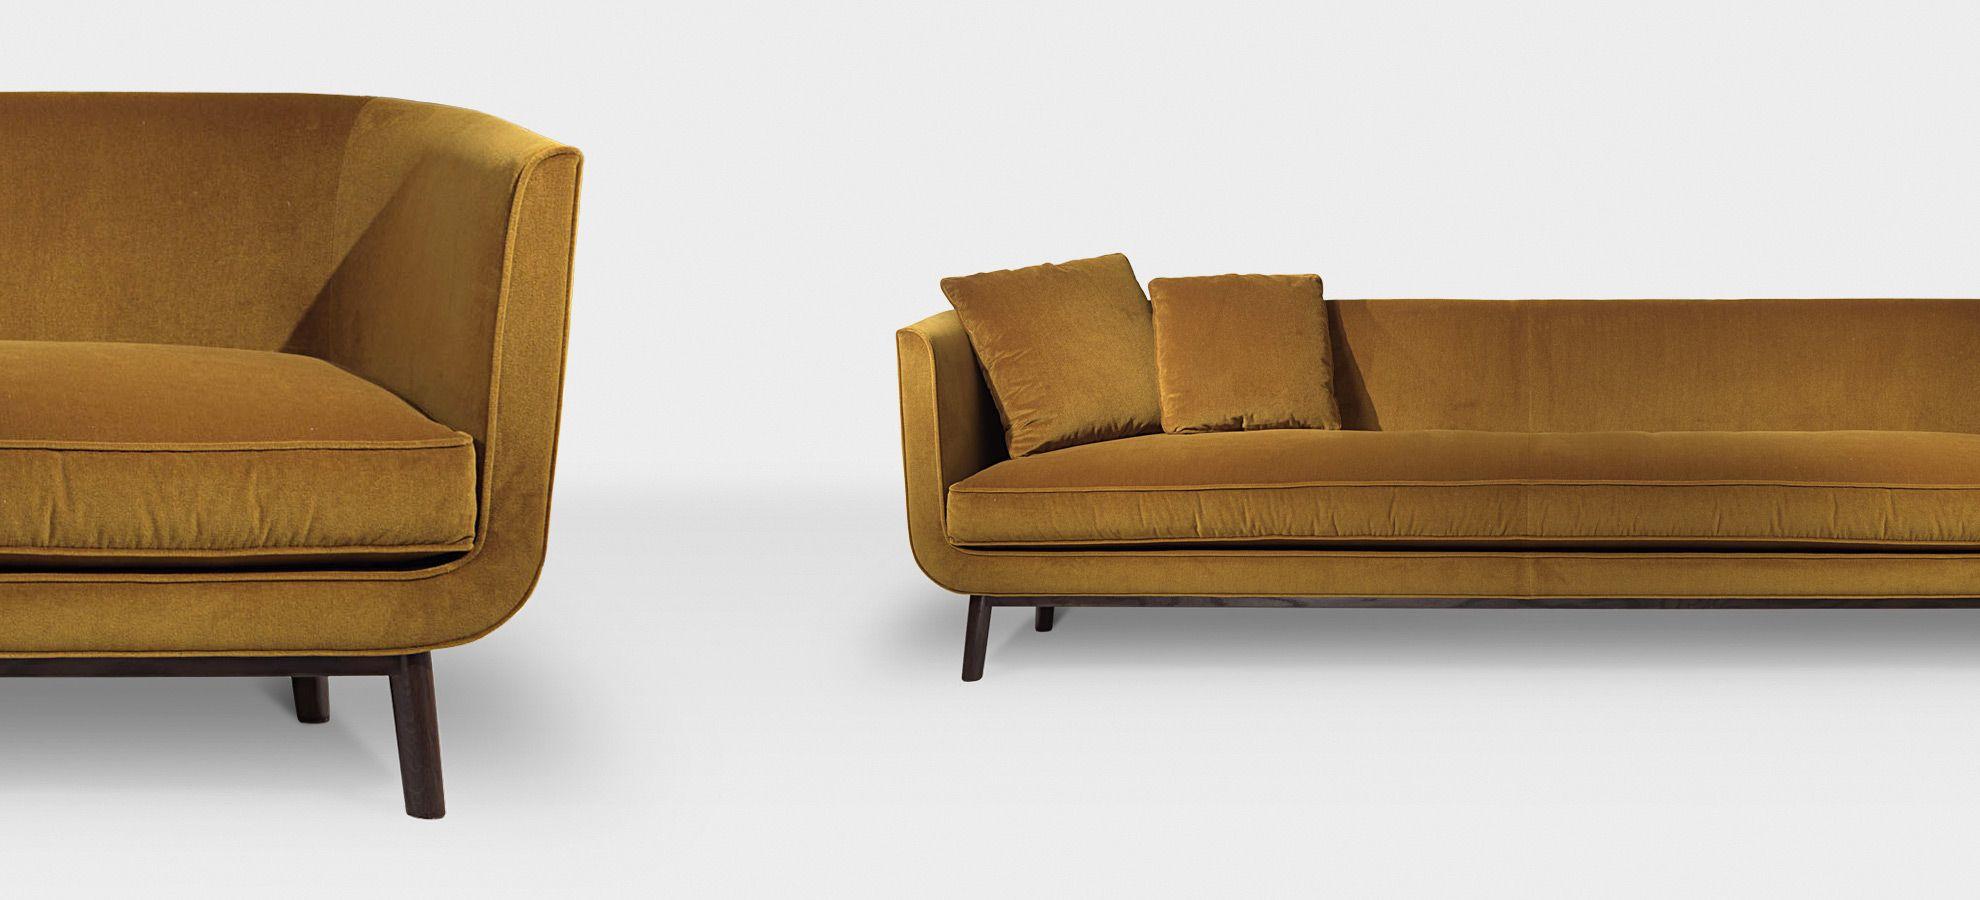 langlois furniture. Canapé Saint Germain 1 | DLM Damien Langlois-Meurinne Langlois Furniture